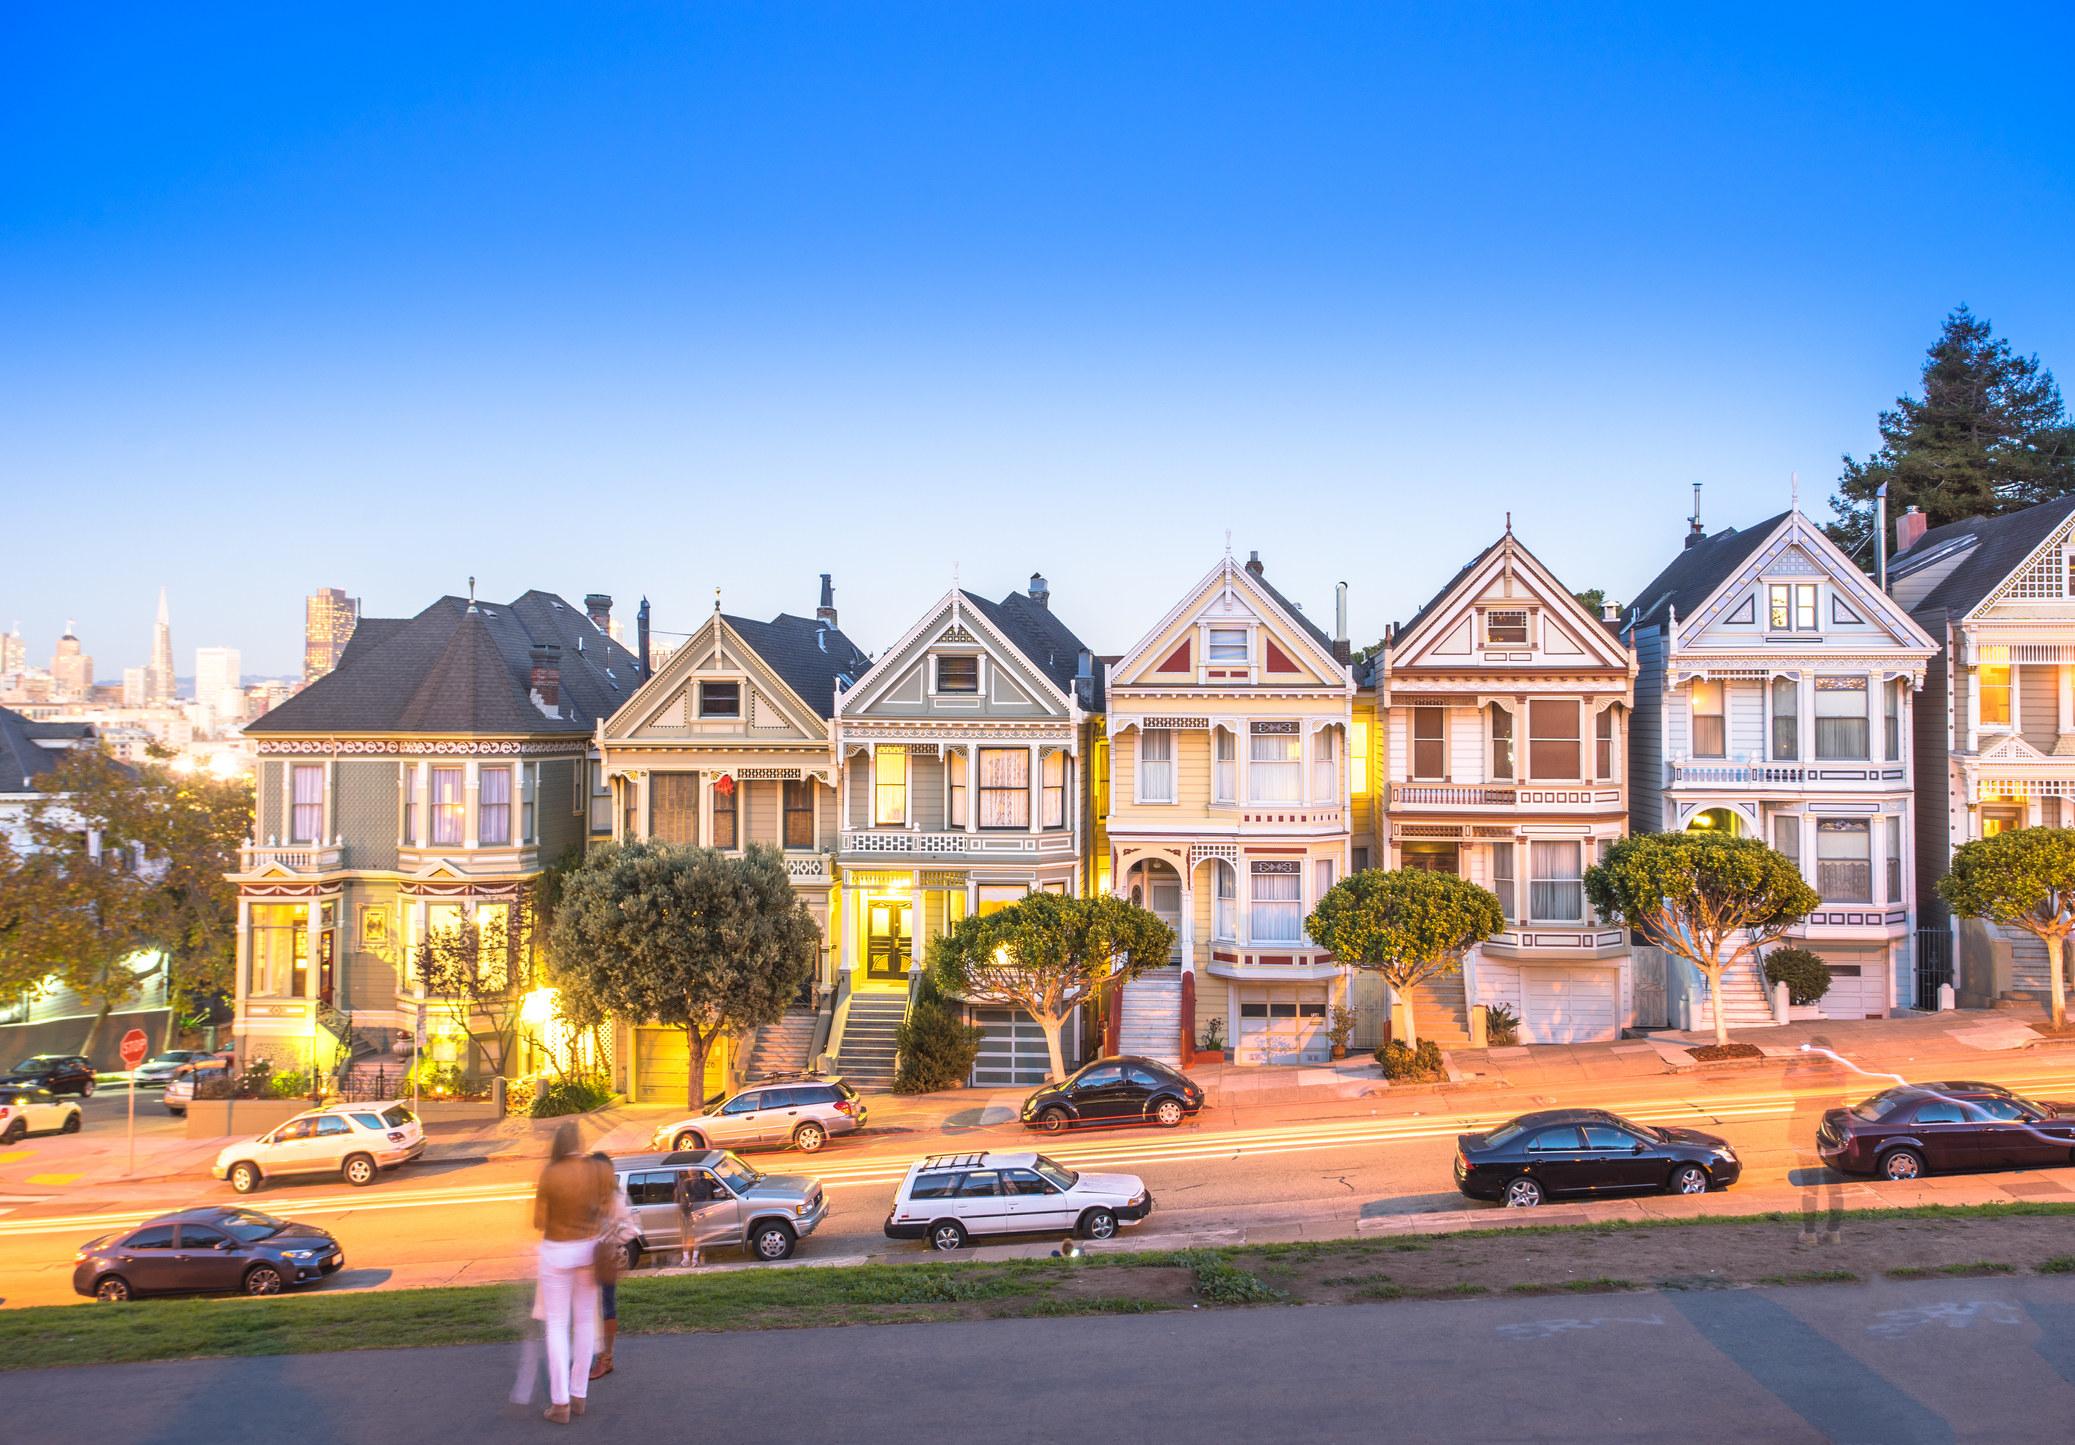 The Painted Ladies landmark homes in San Francisco